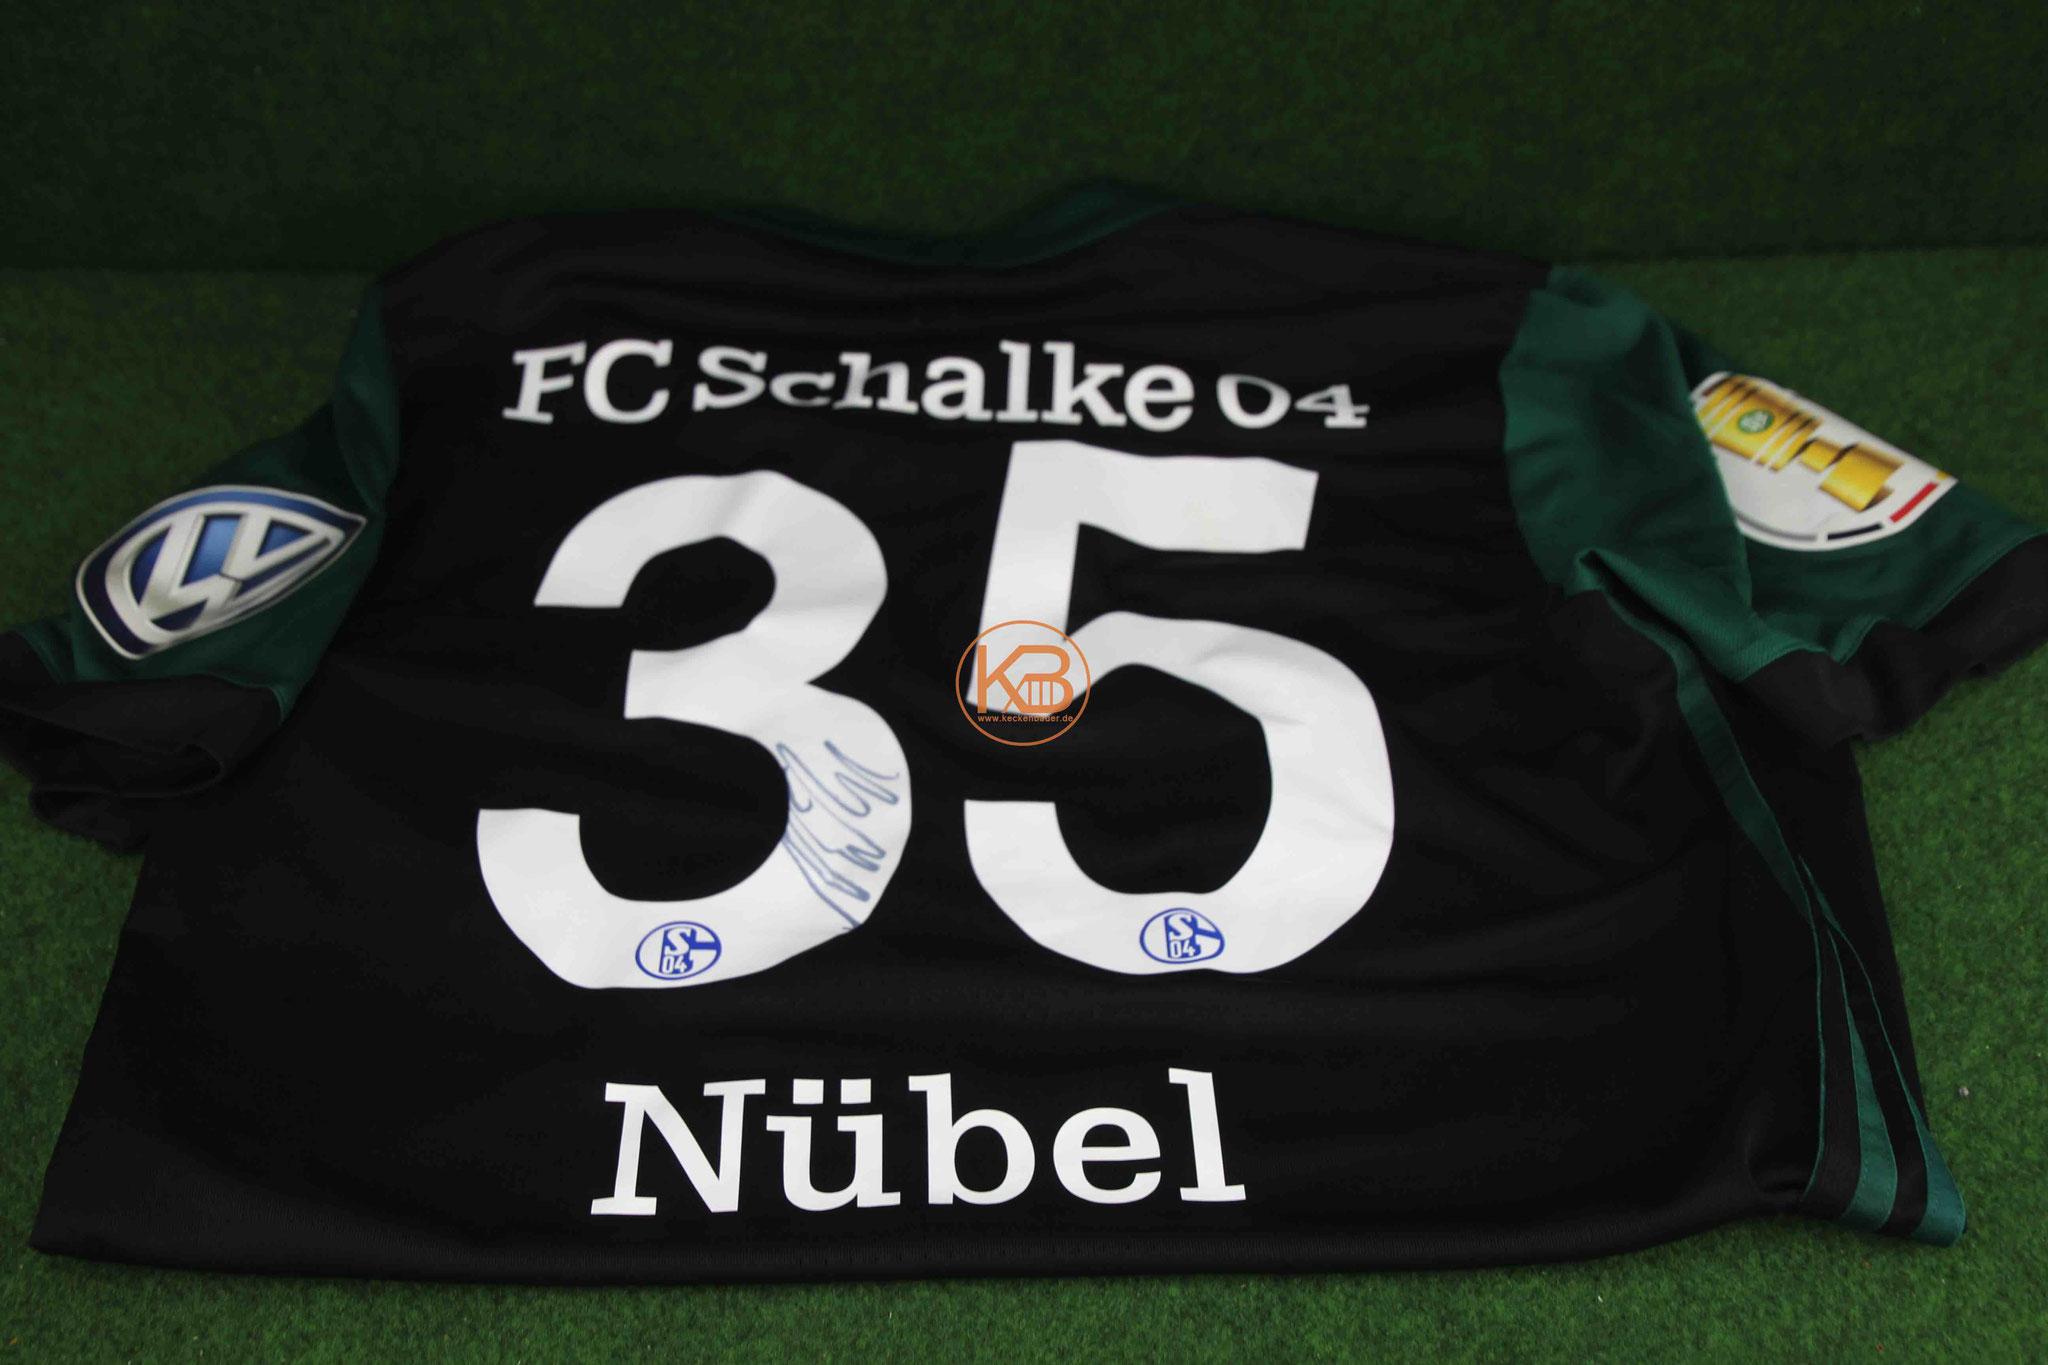 Ein original Matchprepared DFB Pokal Trikot von Schalke 04 inkl. Autogramm von Alexander Nübel 2/2